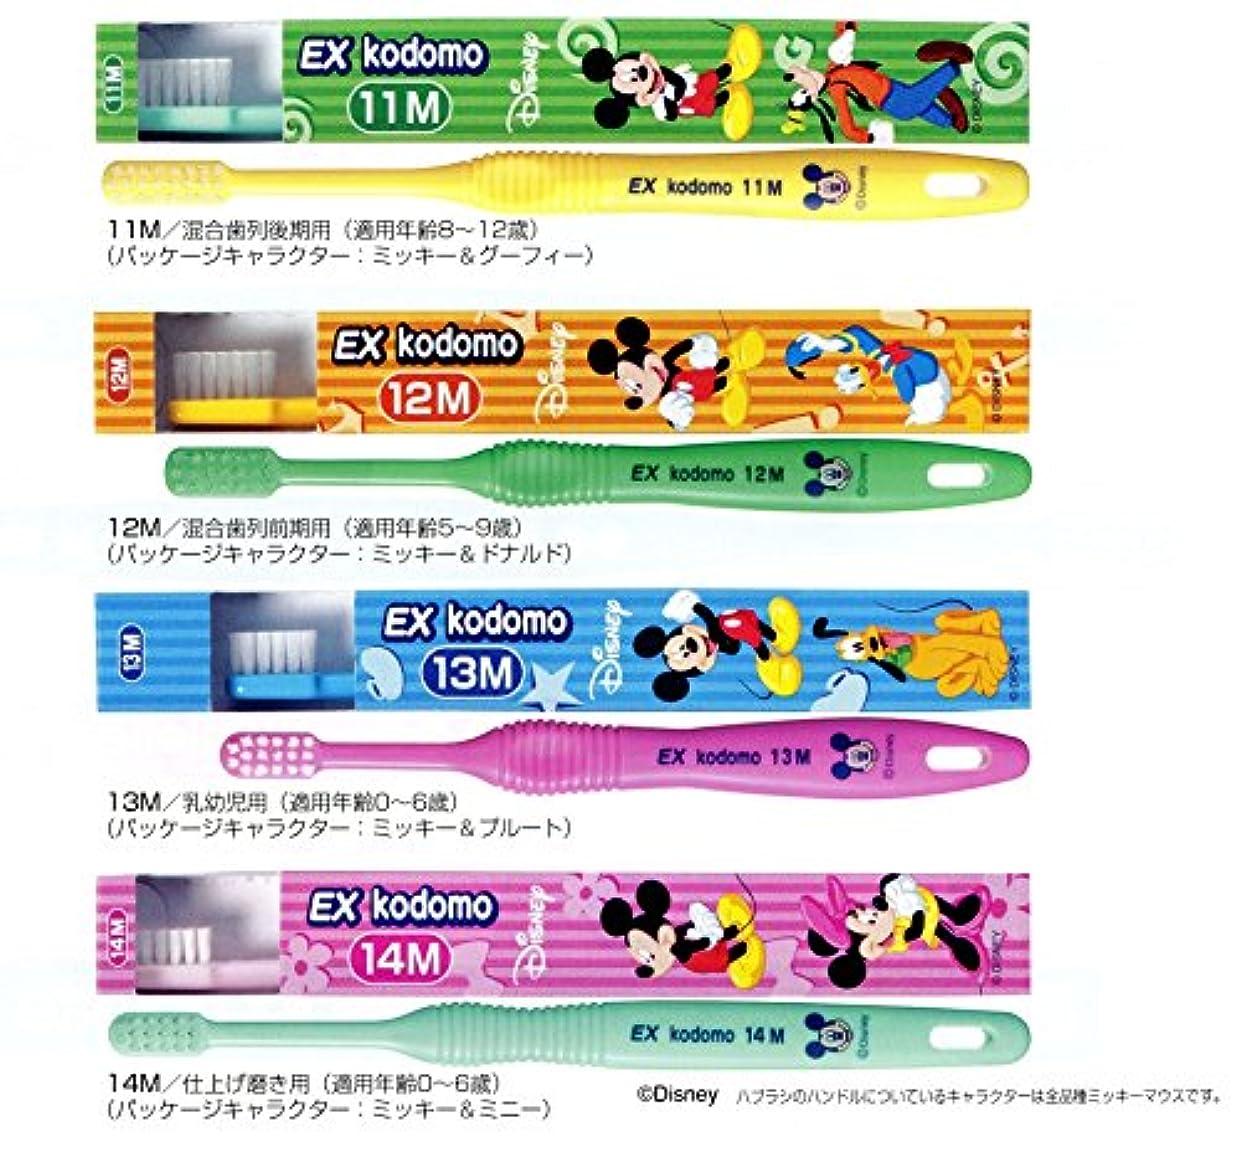 兄弟愛変数ベーシックライオン コドモ ディズニー DENT.EX kodomo Disney 1本 11M ピンク (8?12歳)